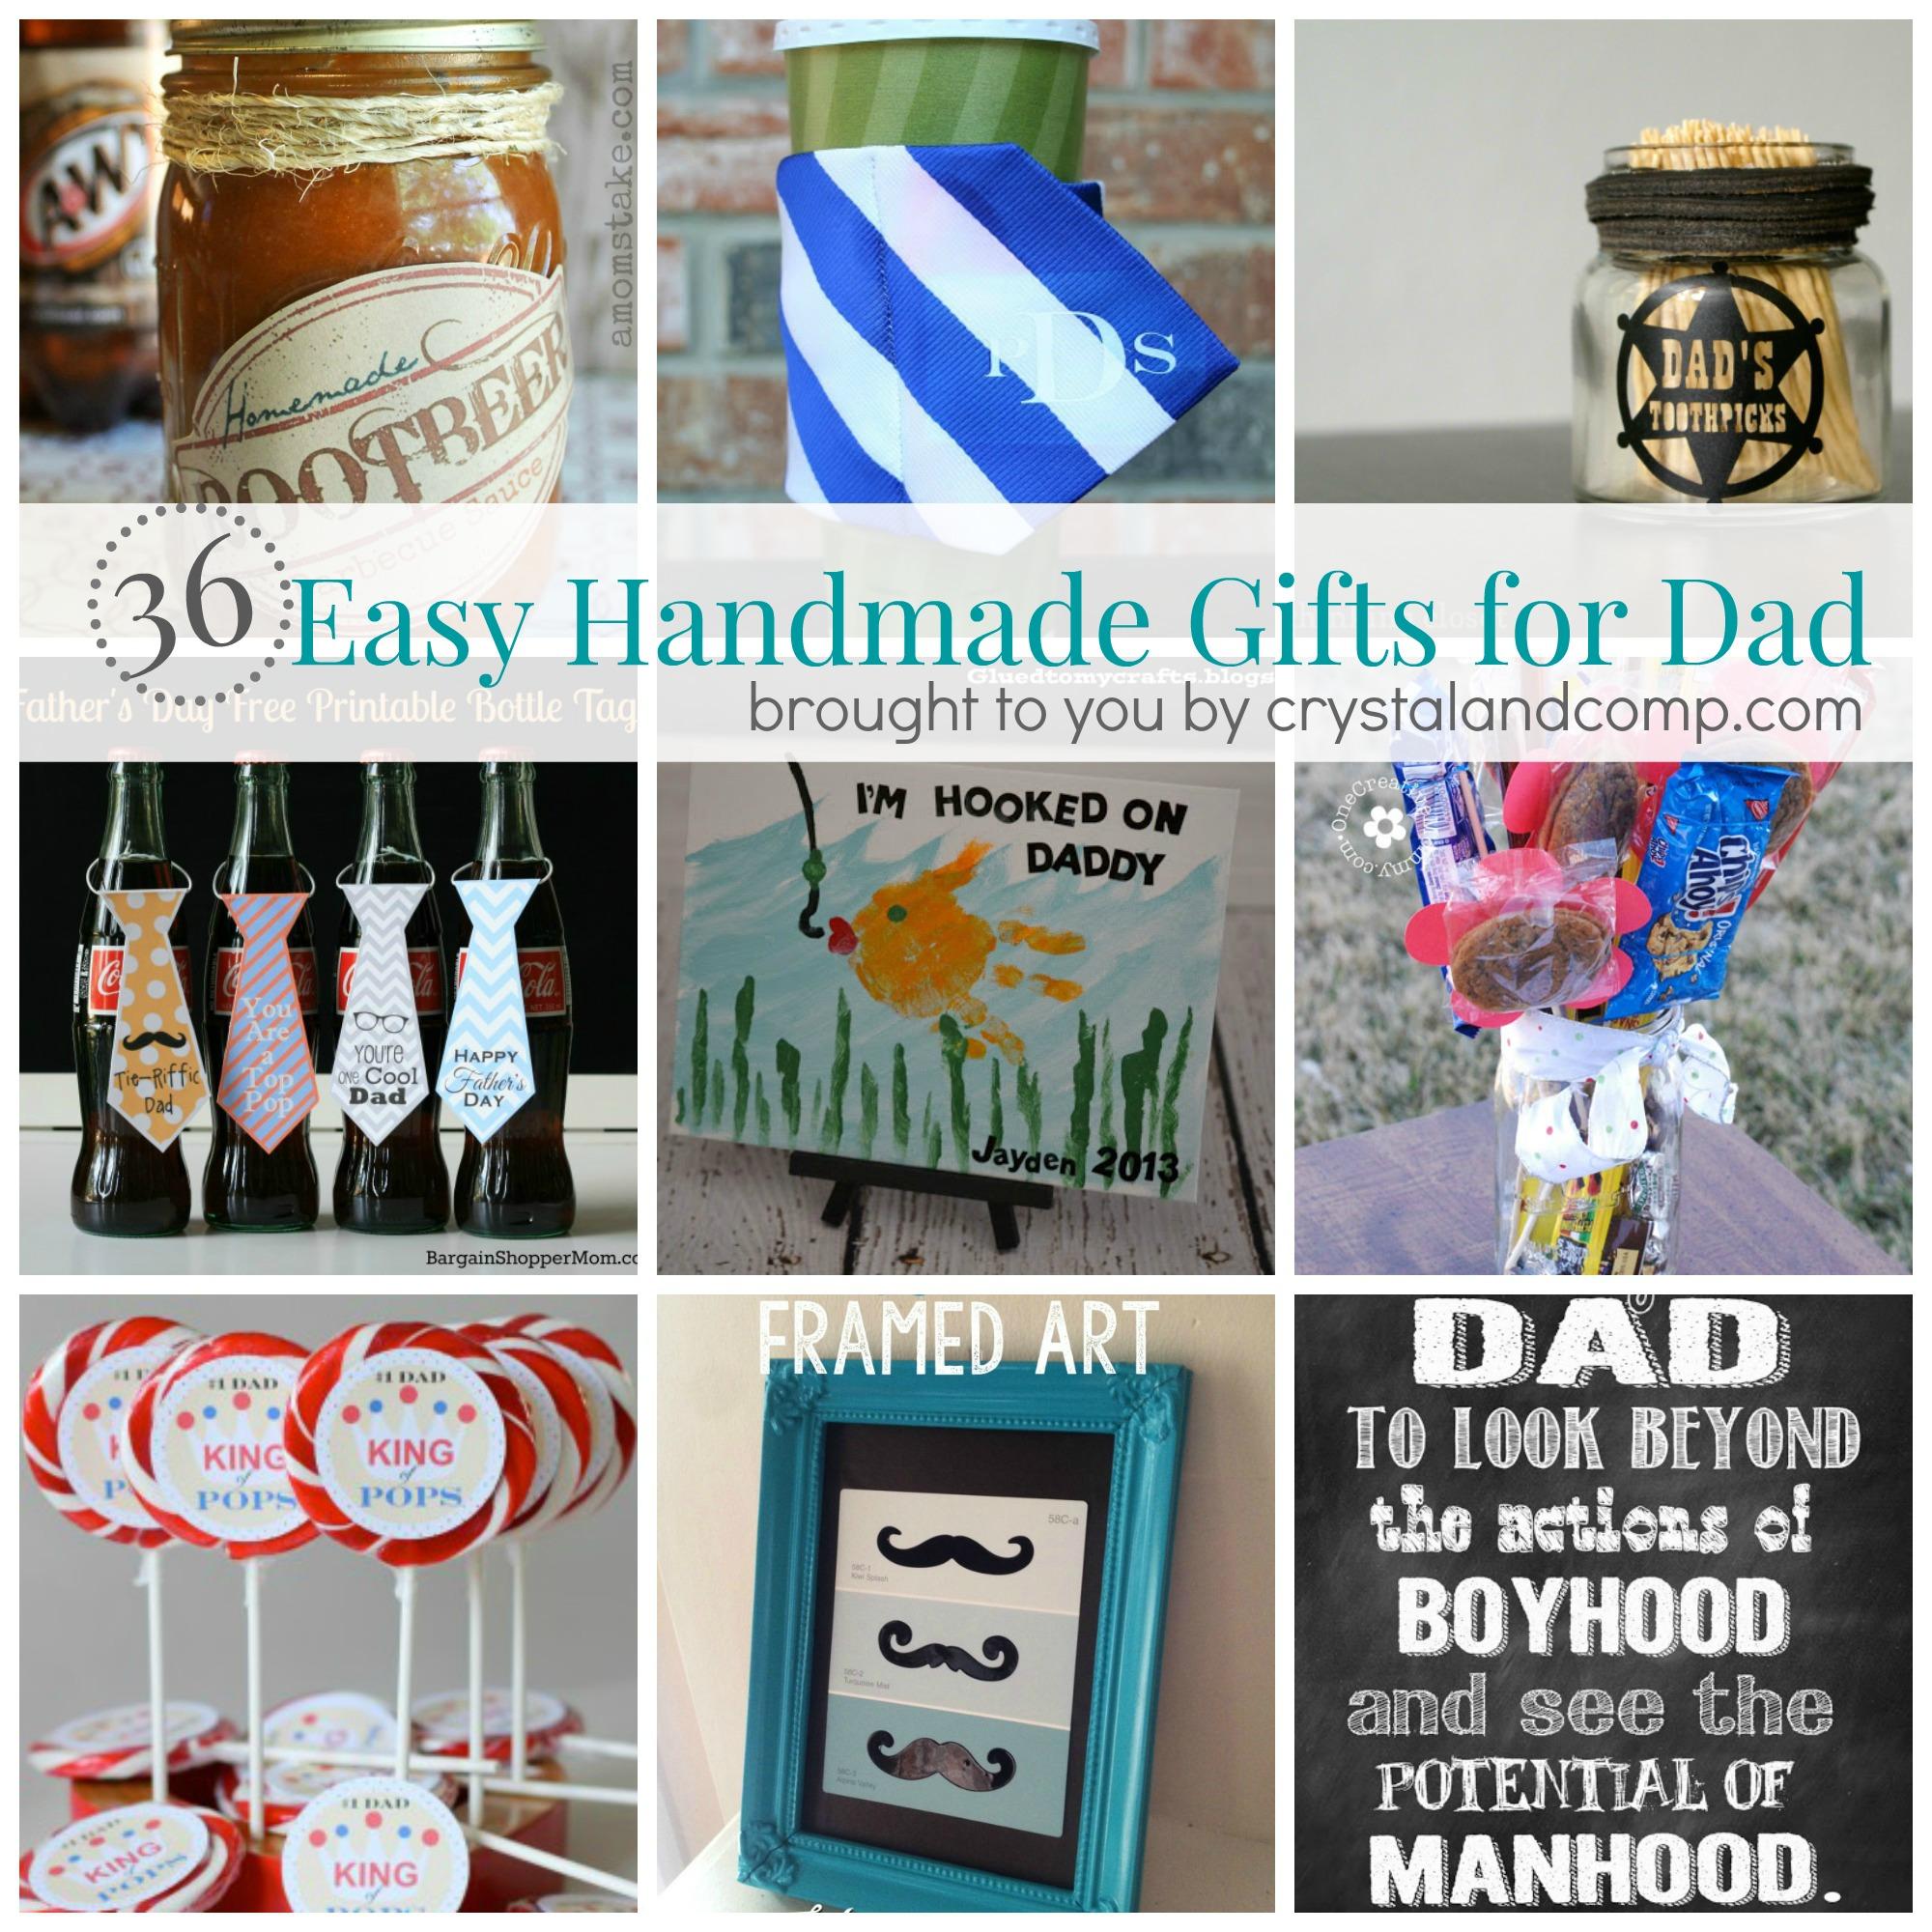 36 easy handmade gift